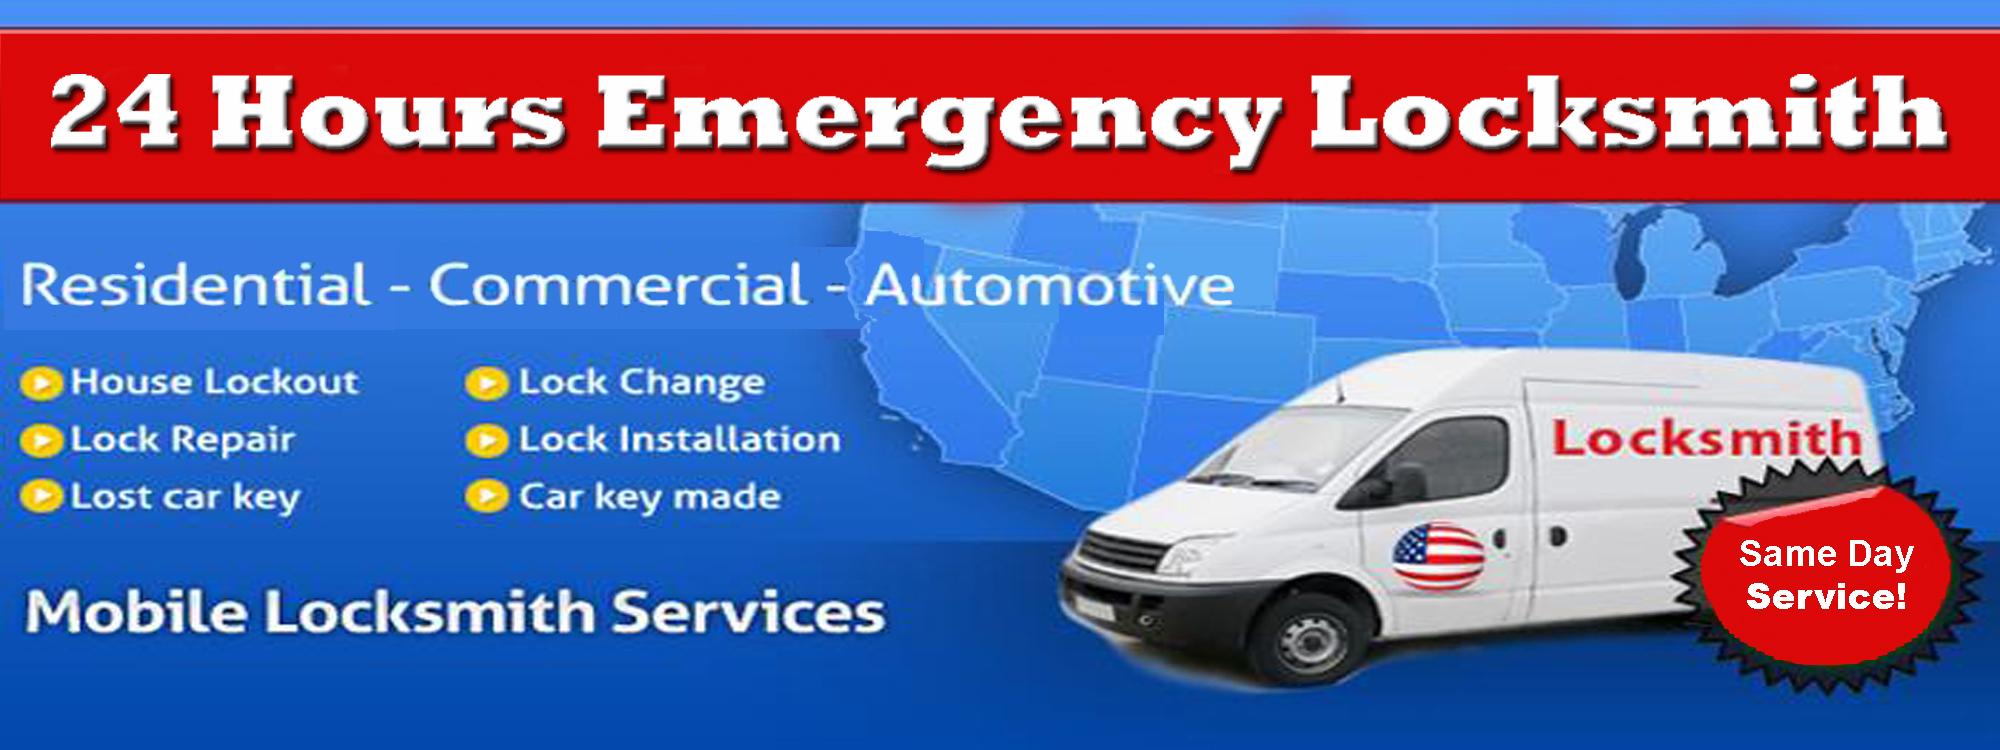 24 Hours Emergency Locksmith Slider